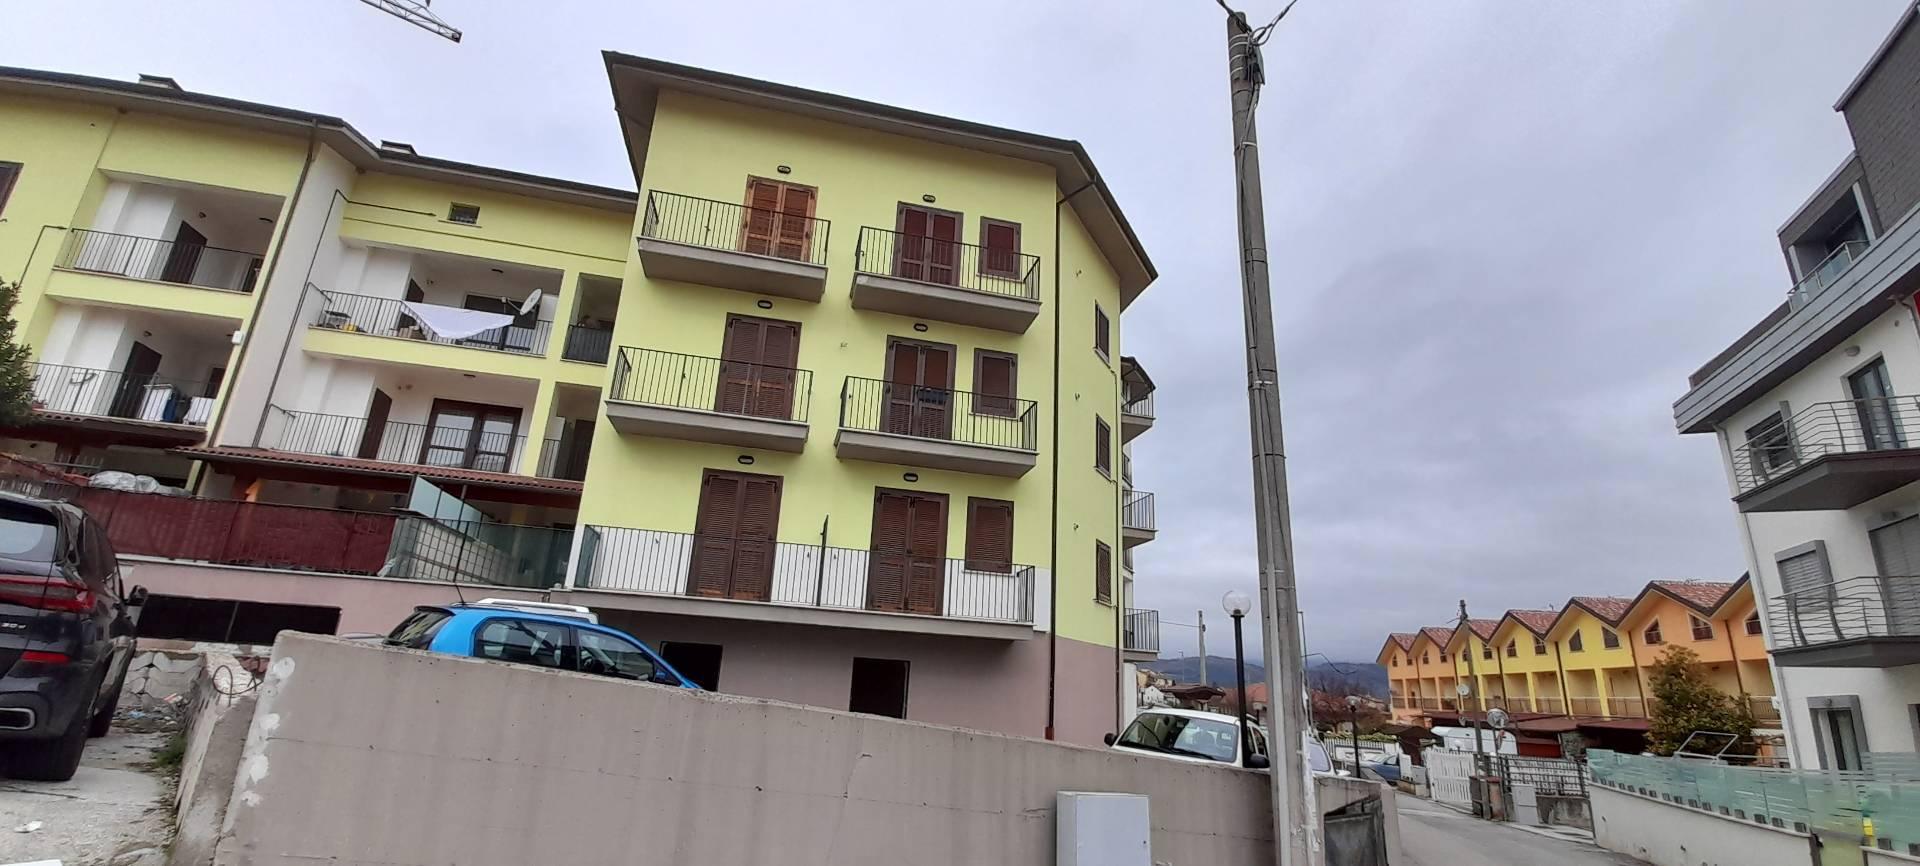 Attico / Mansarda in vendita a L'Aquila, 3 locali, zona ito, prezzo € 39.000 | PortaleAgenzieImmobiliari.it